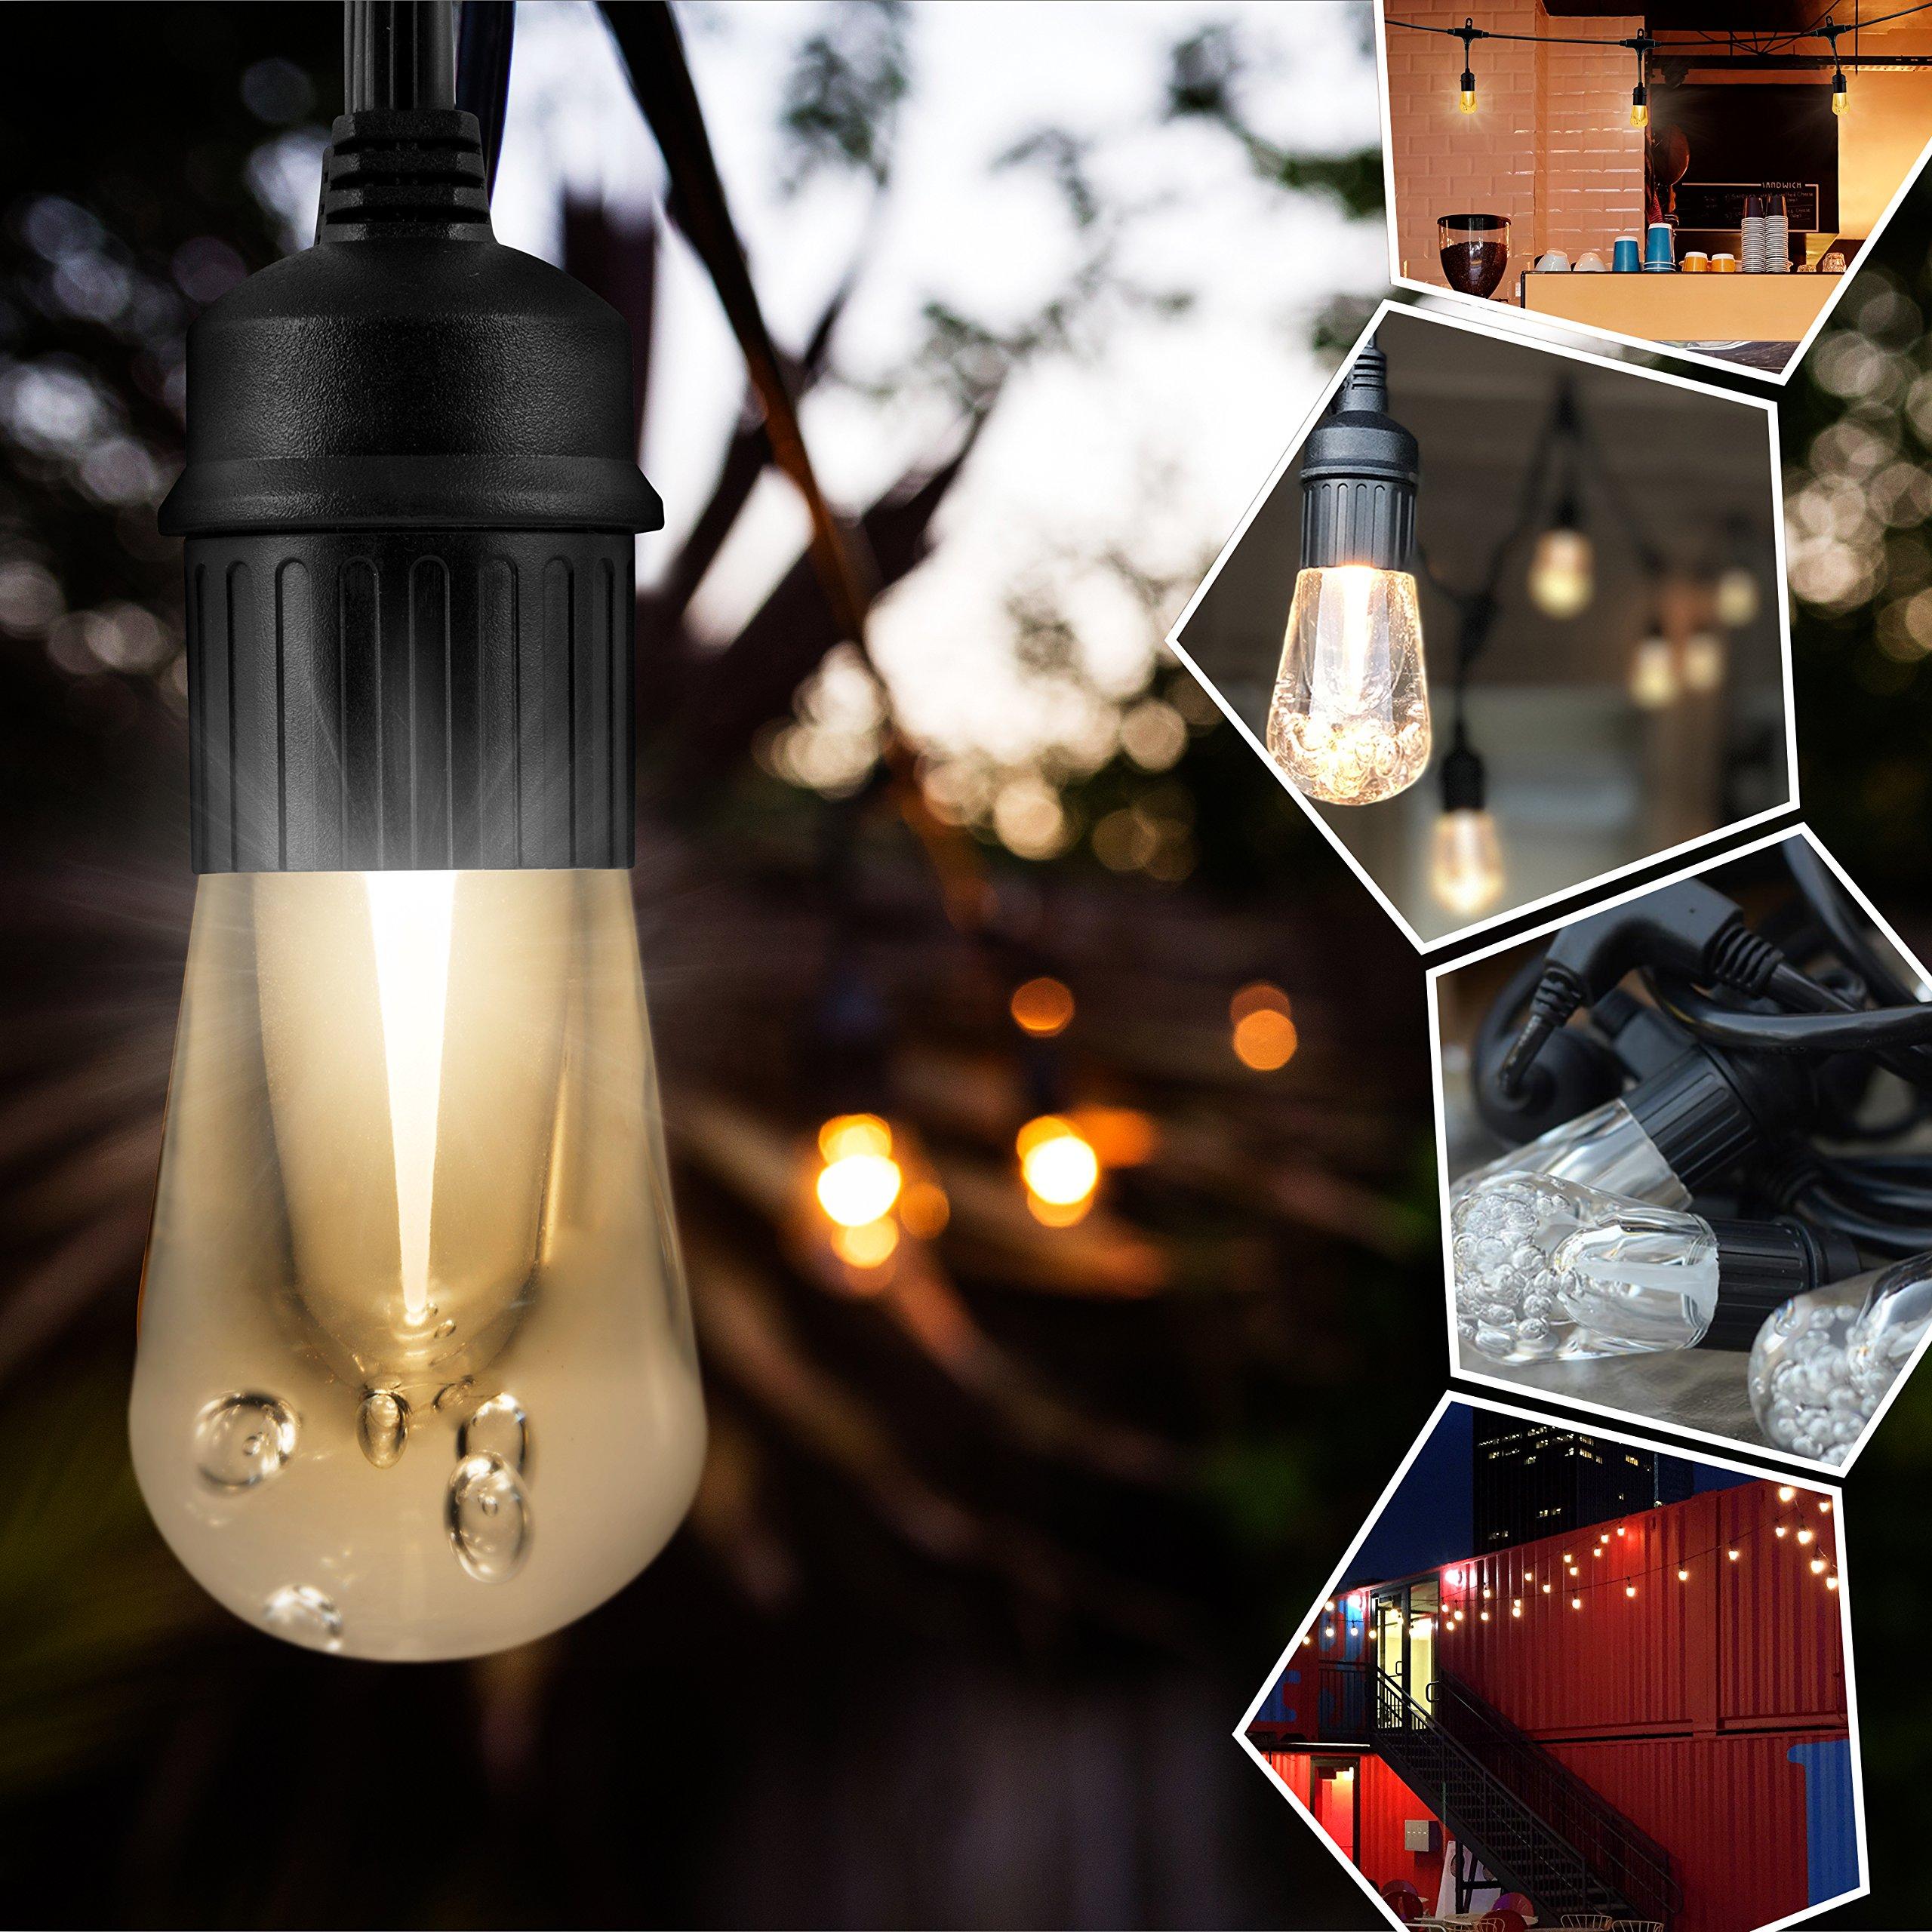 Enbrighten Outdoor String Lights: Enbrighten Vintage Series Café LED String Lights (24ft